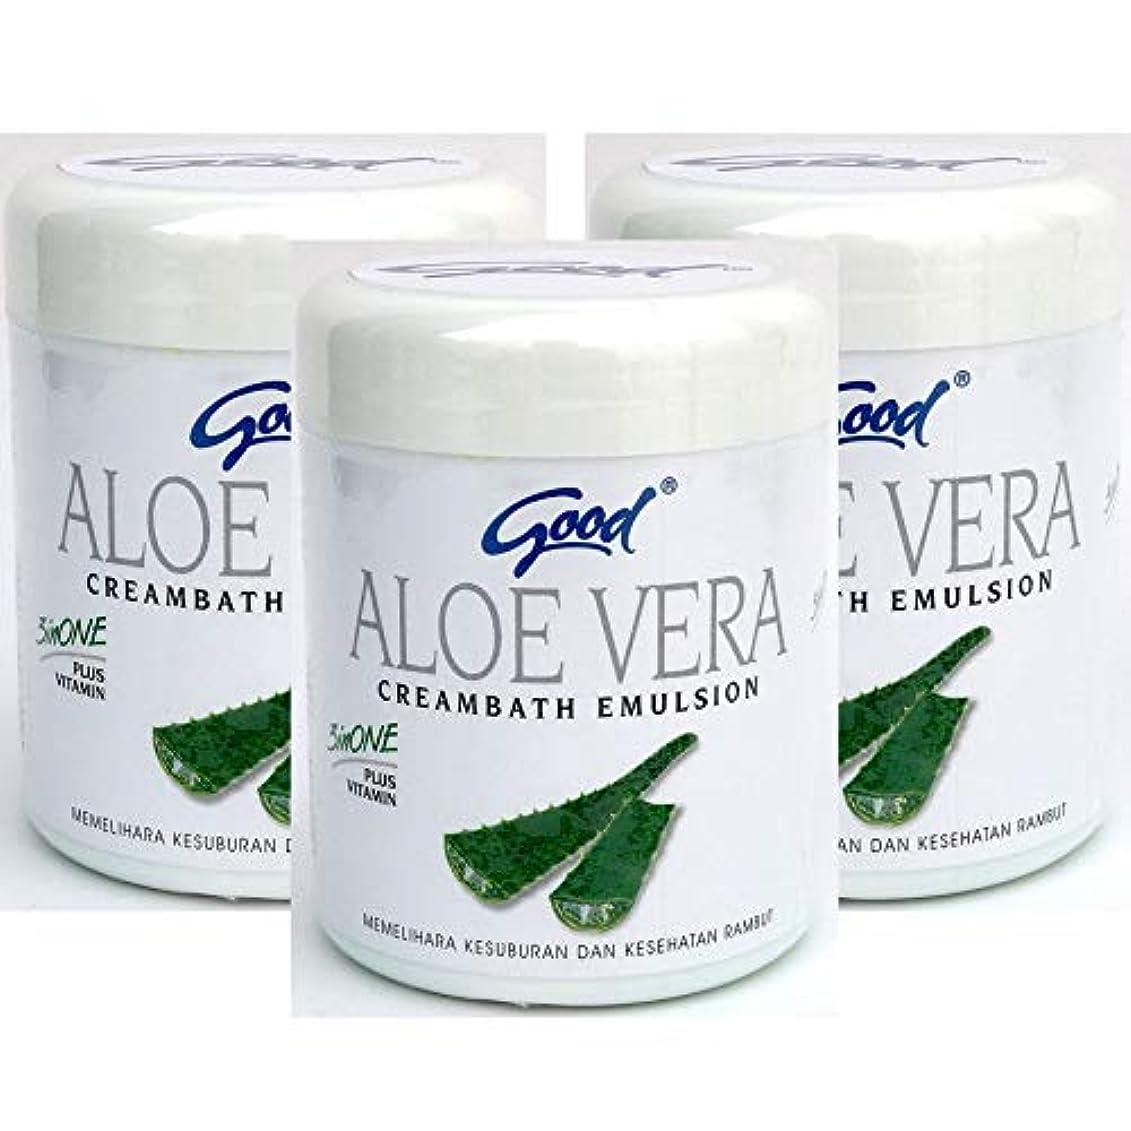 群集どっちでも一方、good グッド インドネシアバリ島の伝統的なヘッドスパクリーム Creambath Emulsion クリームバス エマルション 250g × 3個 AloeVera アロエベラ [海外直送品]